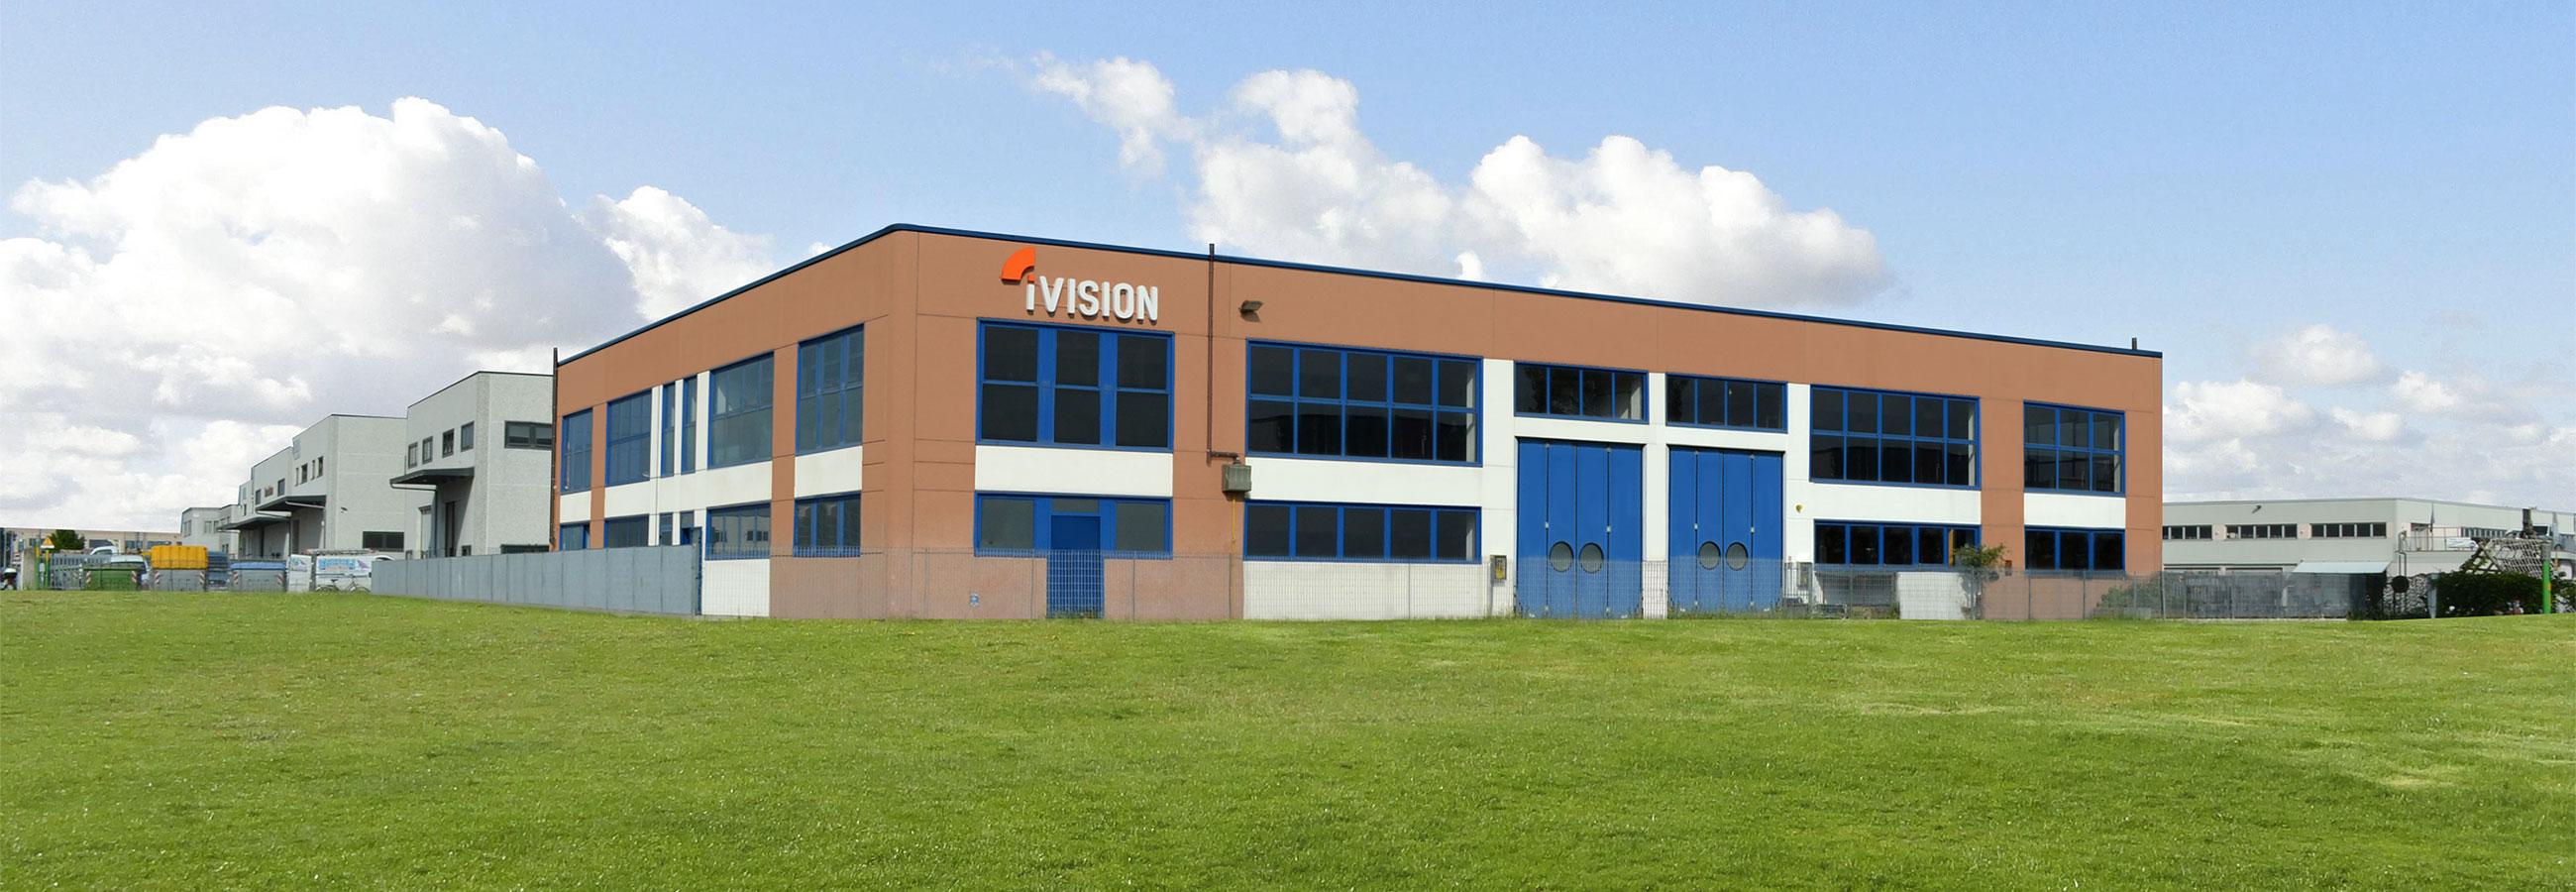 azienda-ivision-6